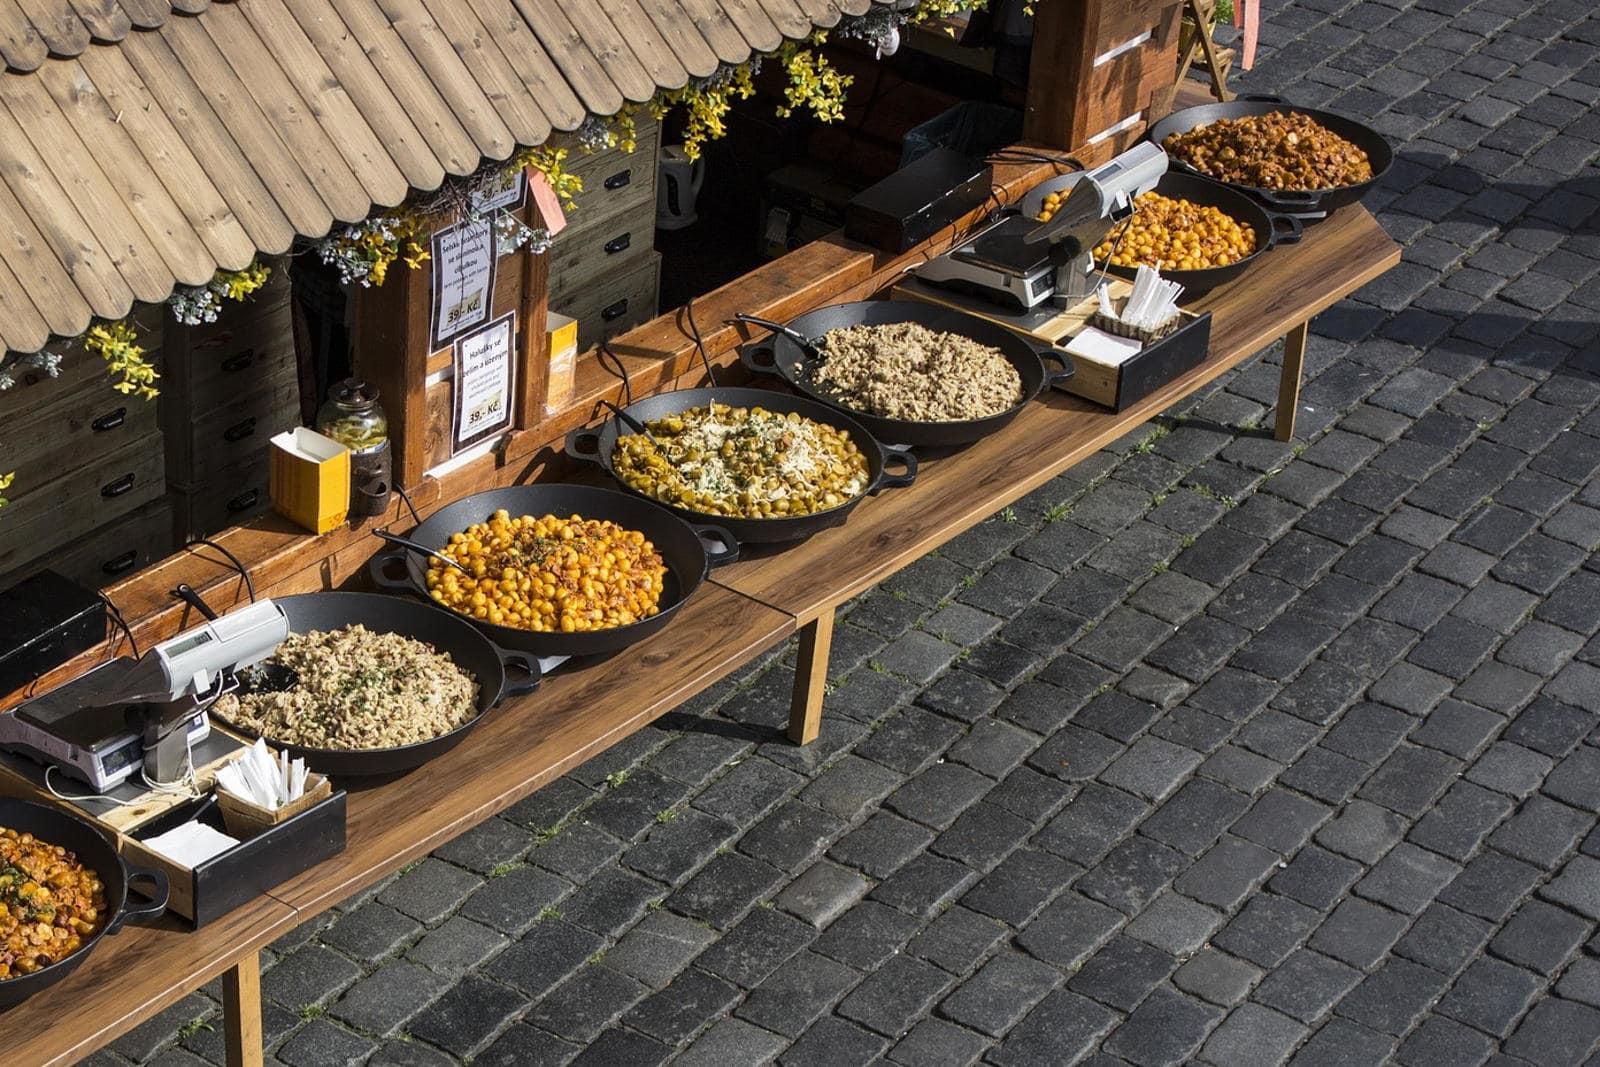 Street Food Image